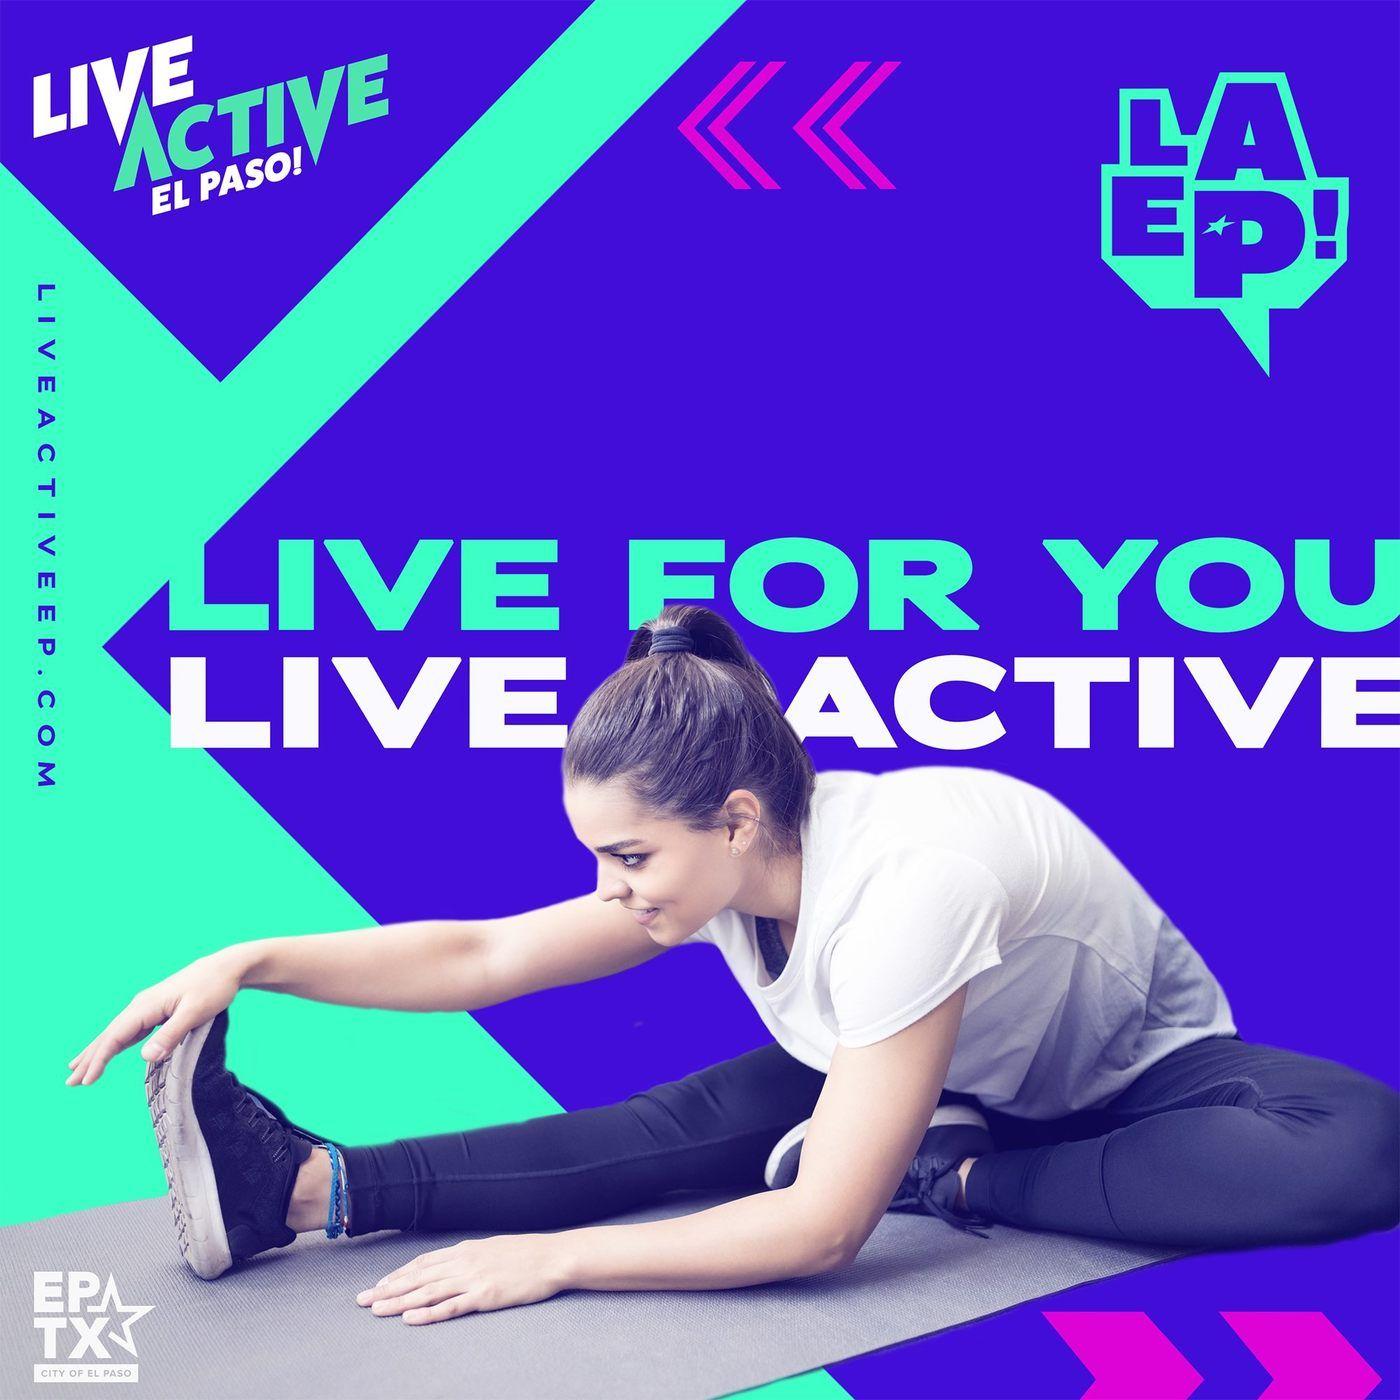 Live Active El Paso!